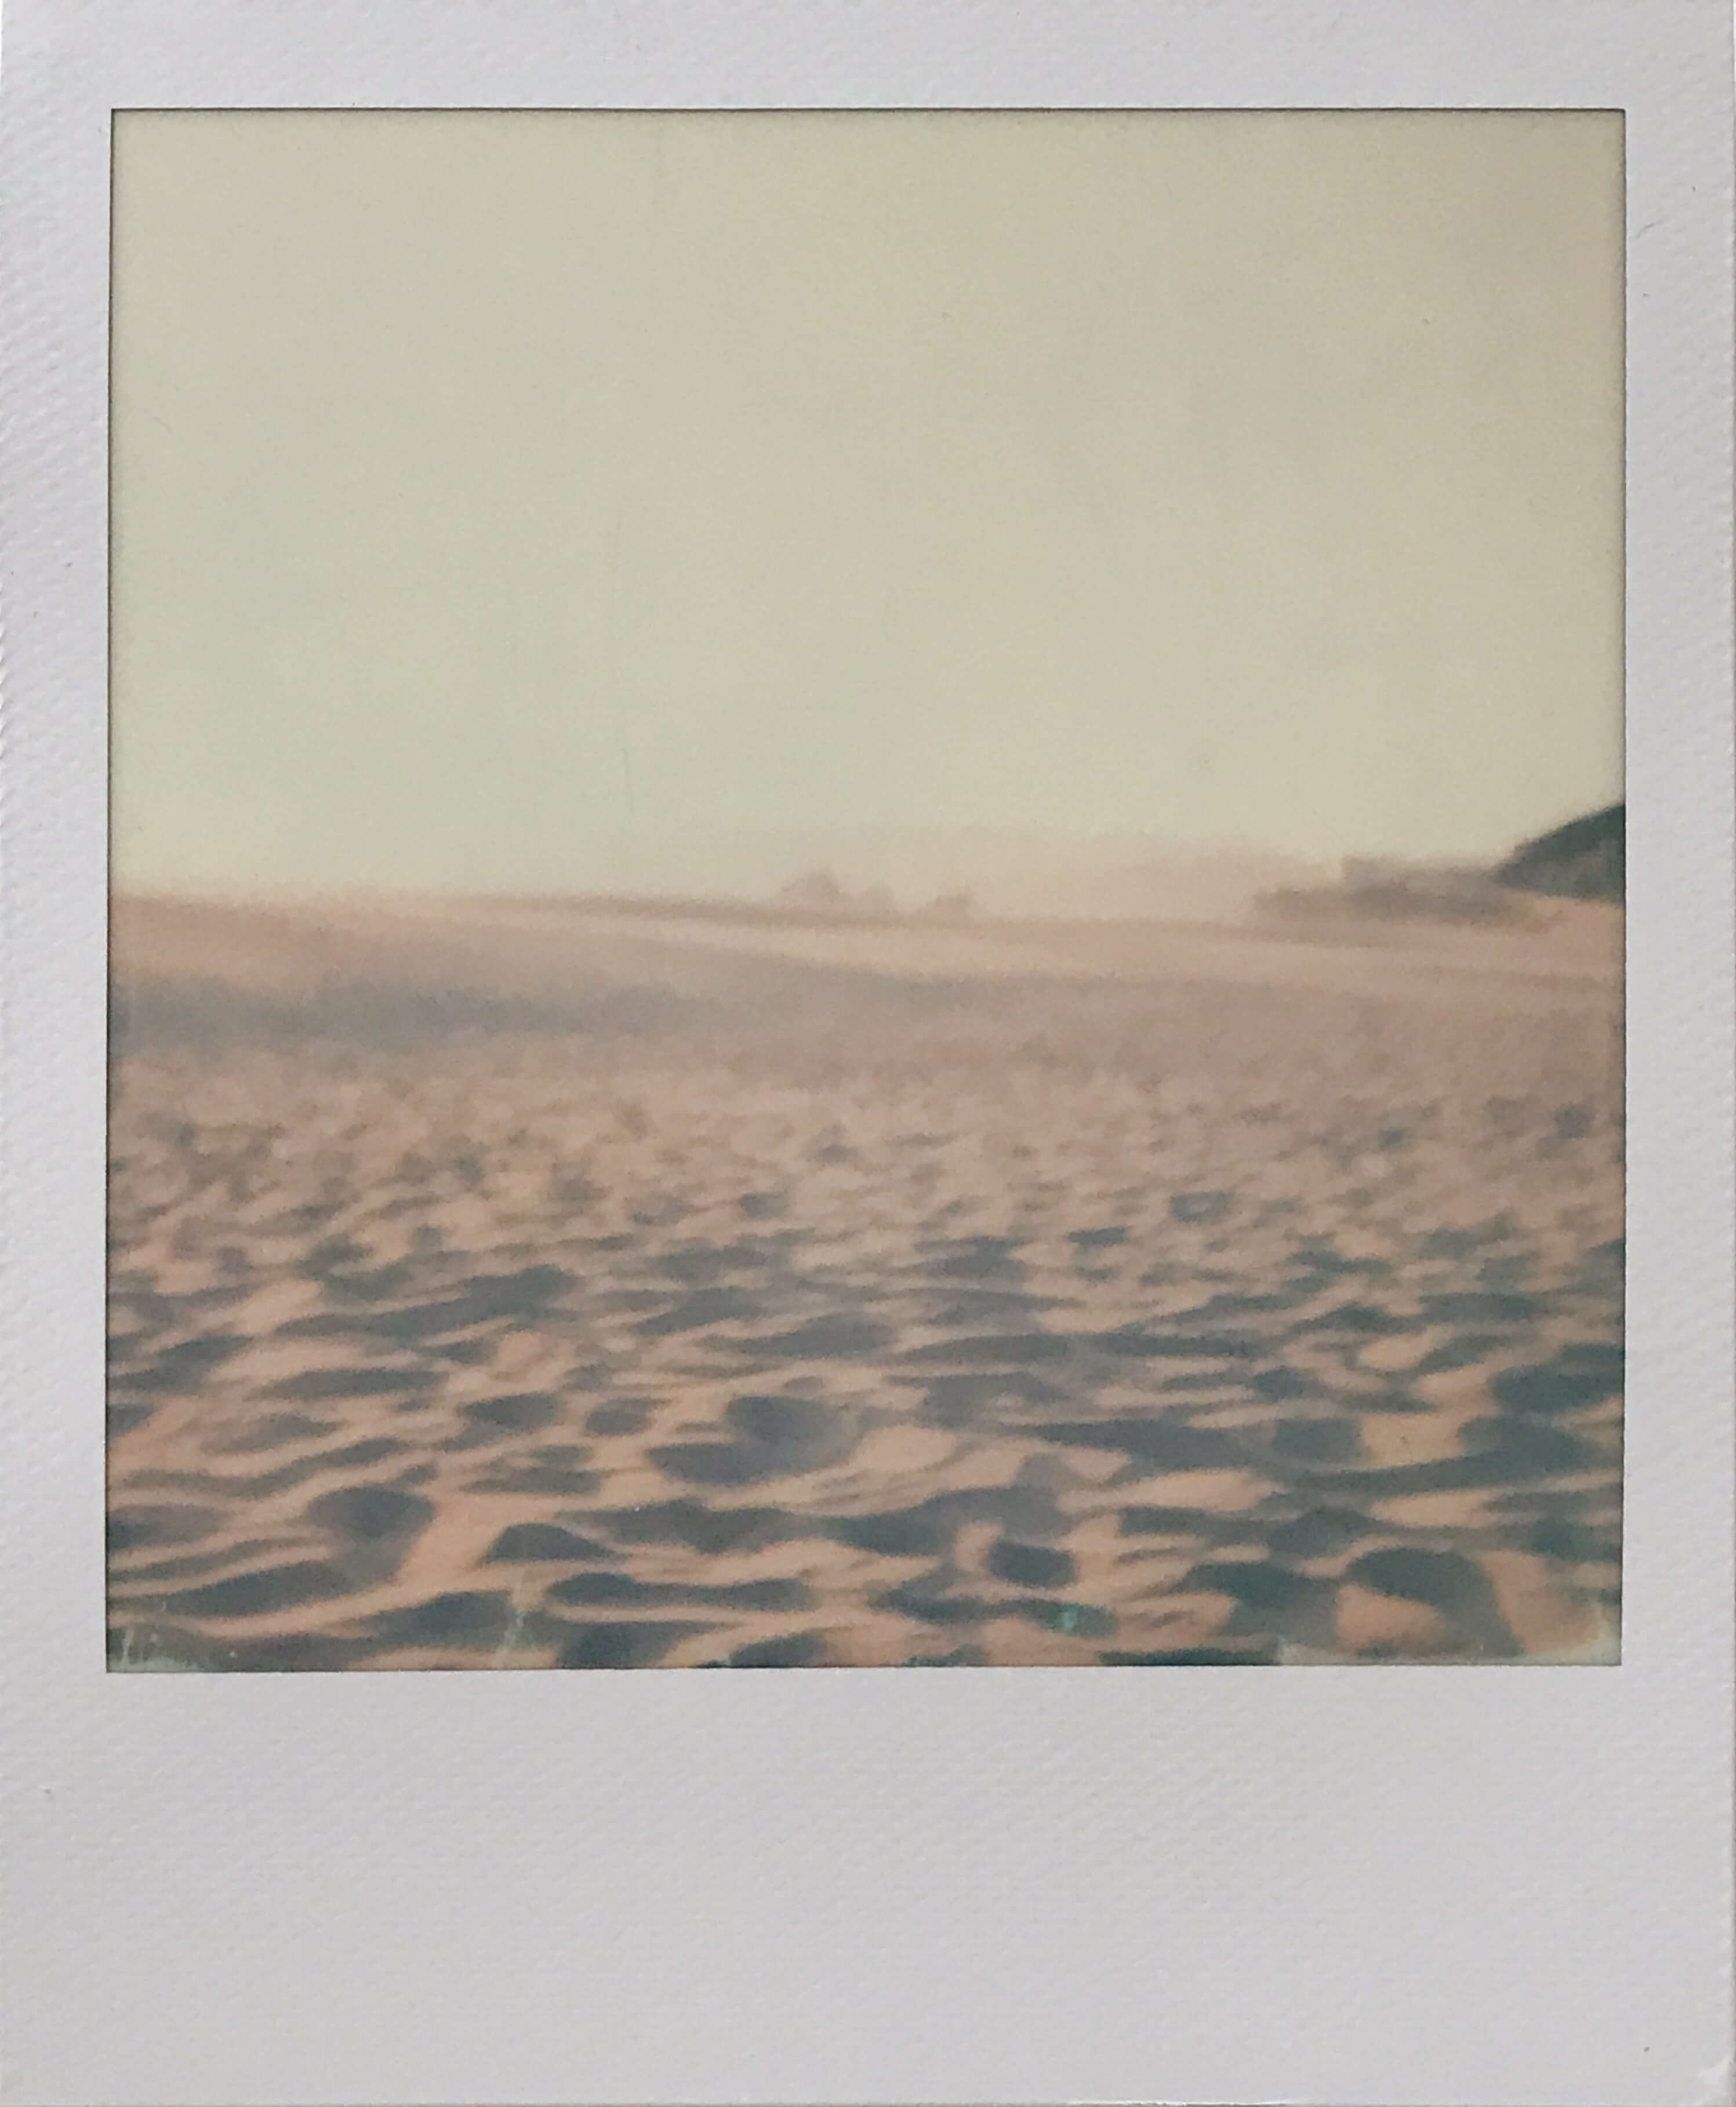 Sand - Ocean Beach, CA